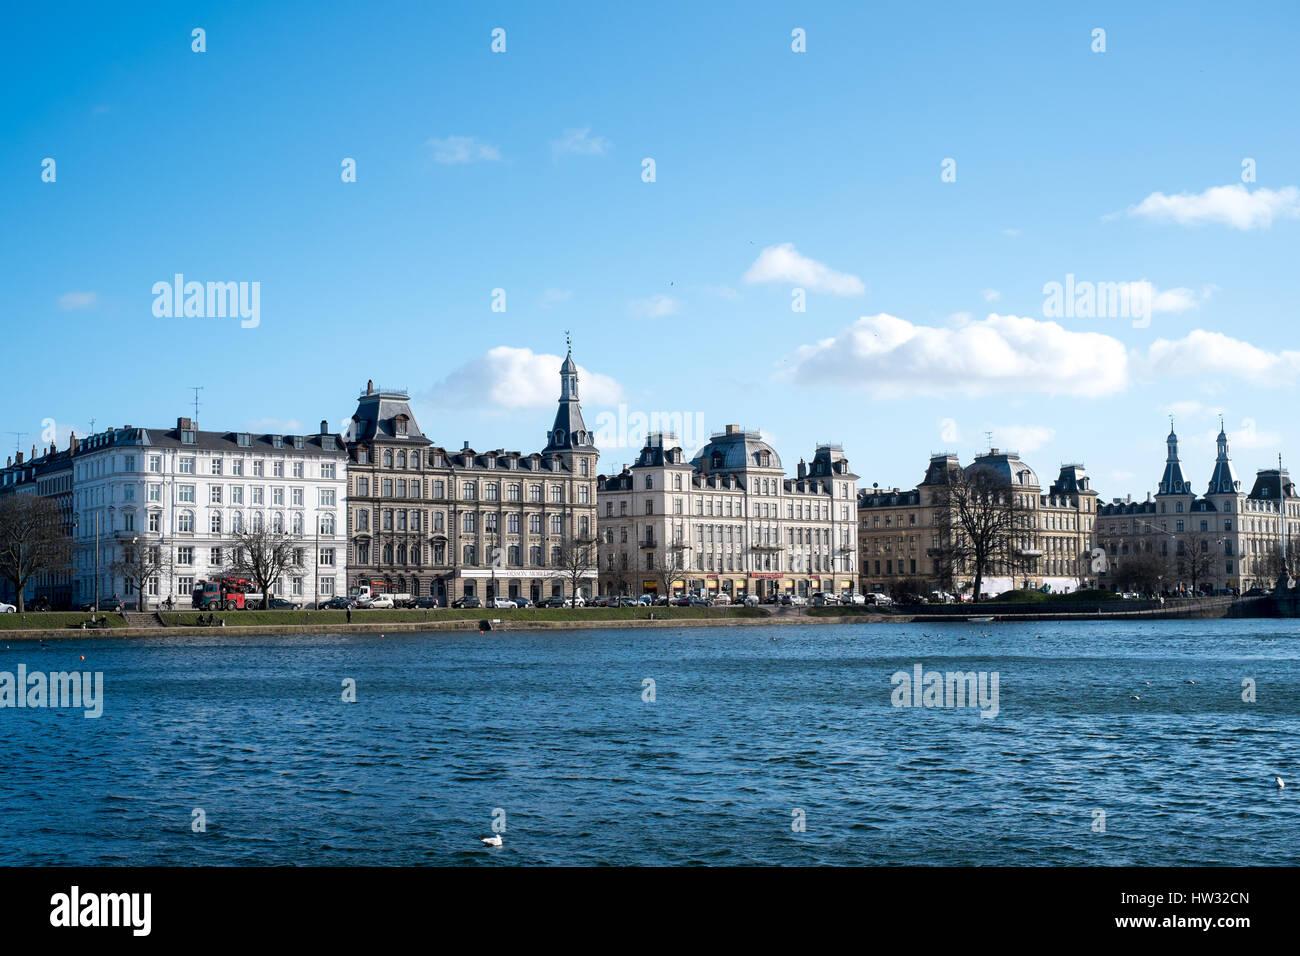 Søerne (The Lakes), Copenhagen, Denmark - Stock Image